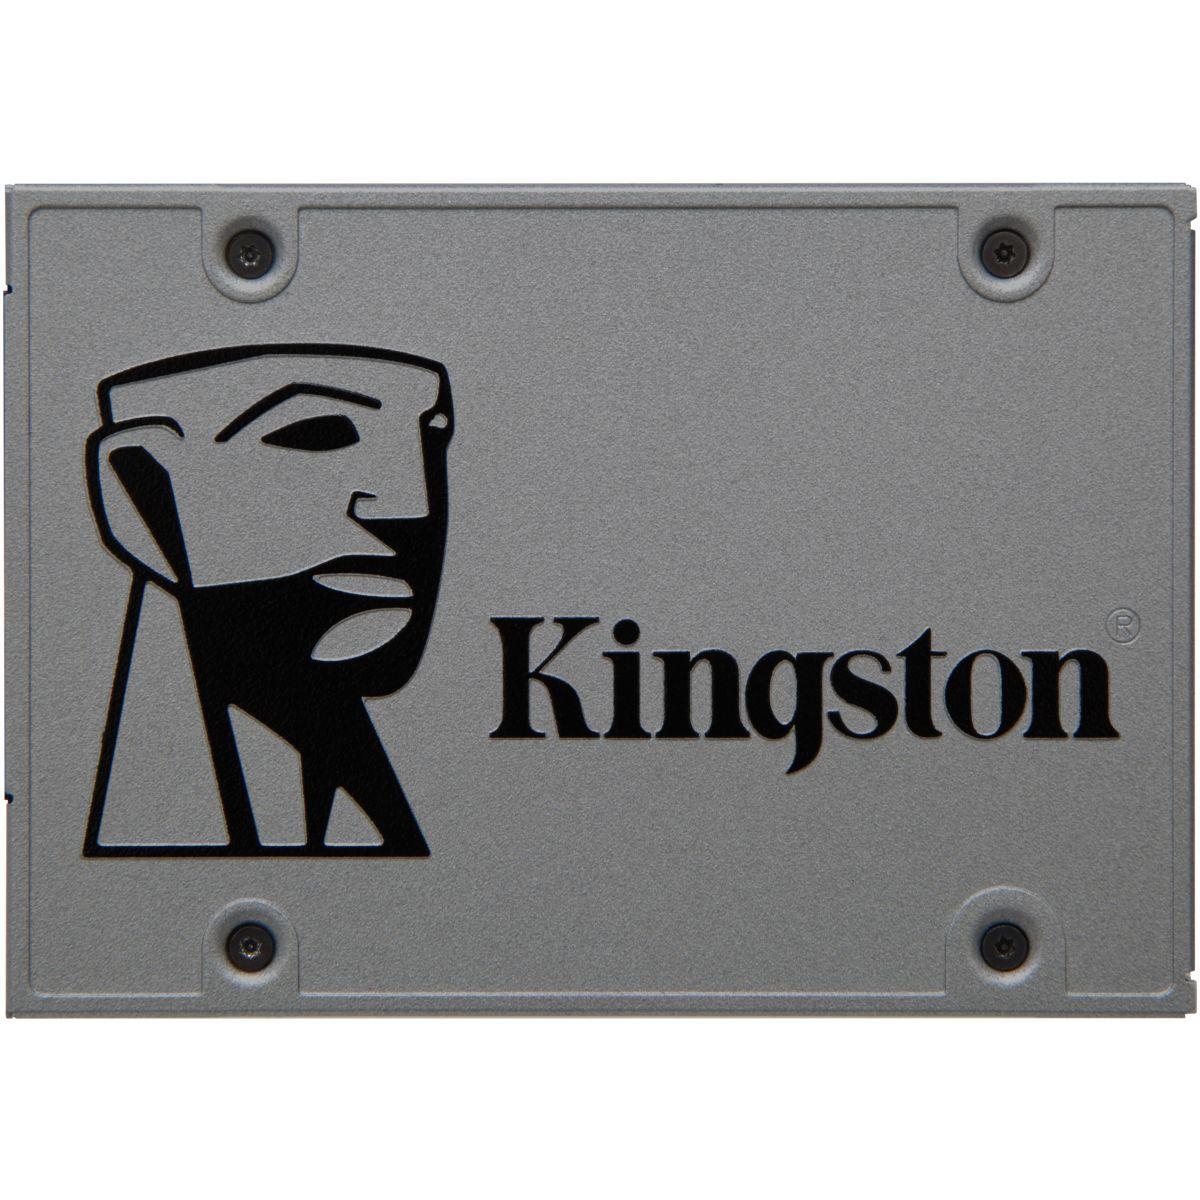 Disque ssd interne kingston ssd 480go uv500 - 2% de remise imm�diate avec le code : deal2